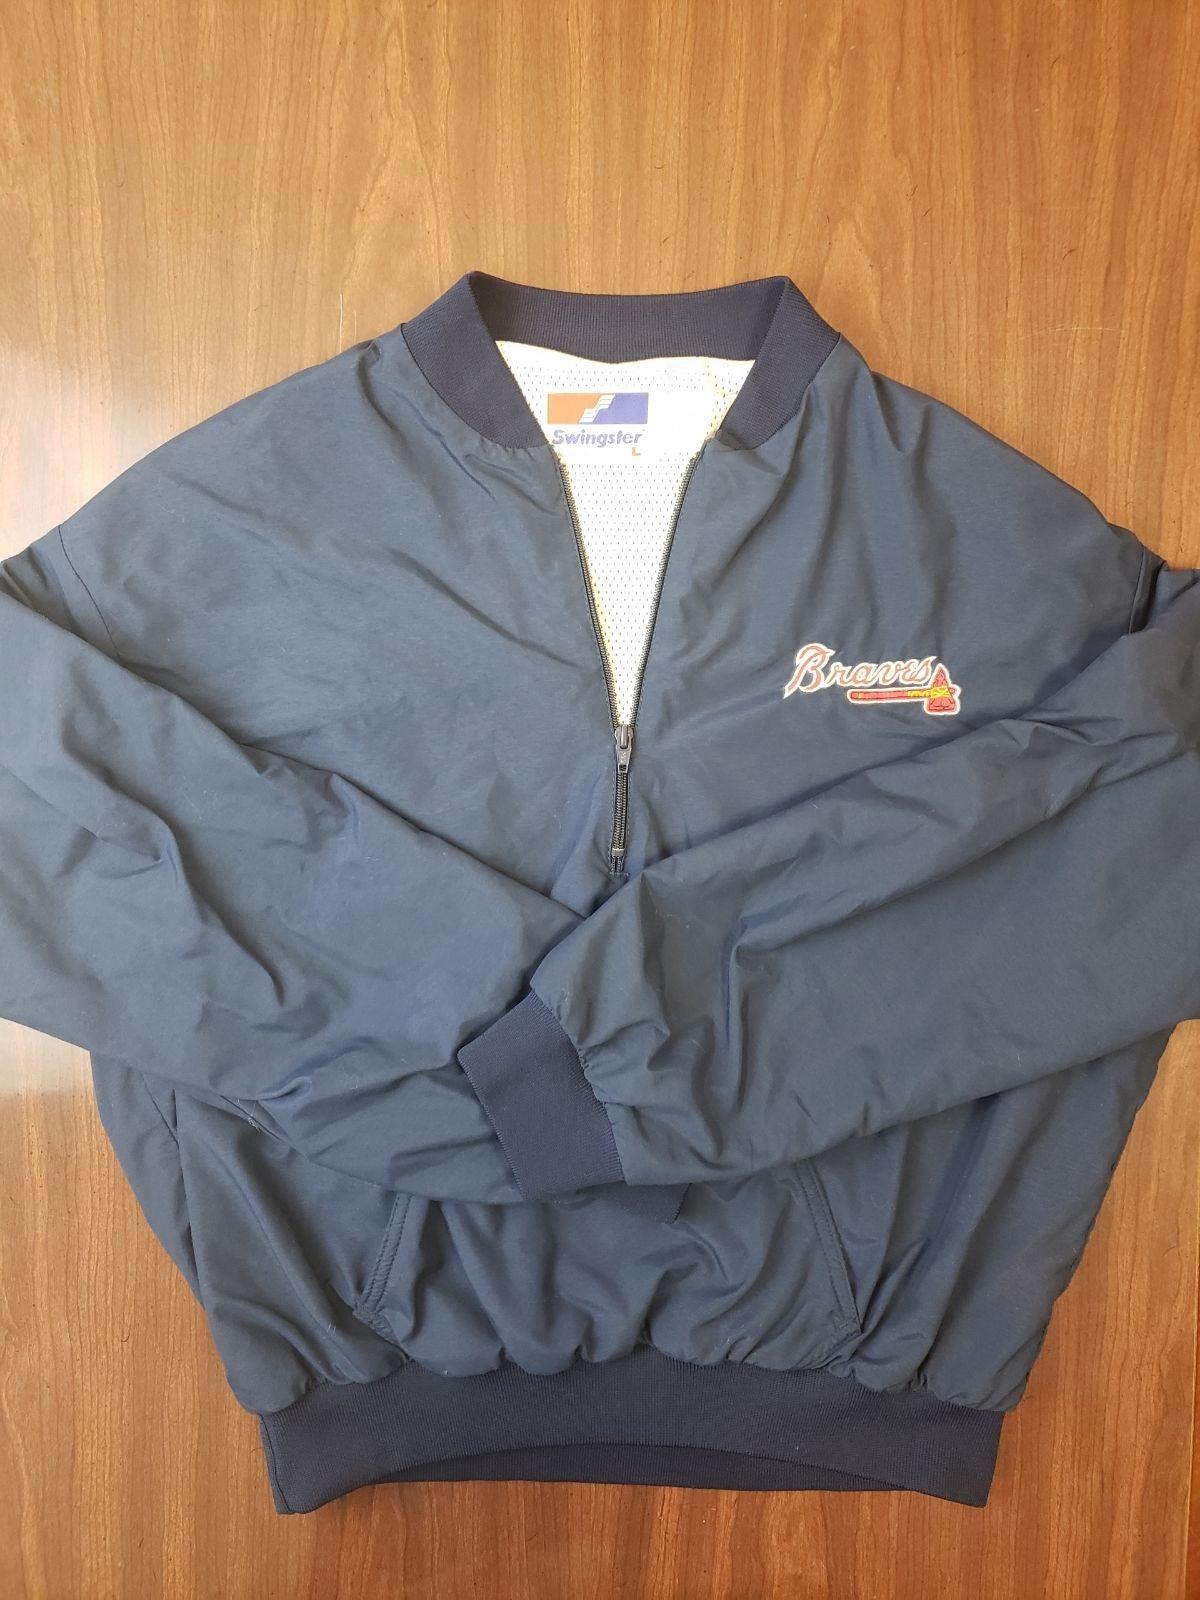 Braves Bomber Jacket